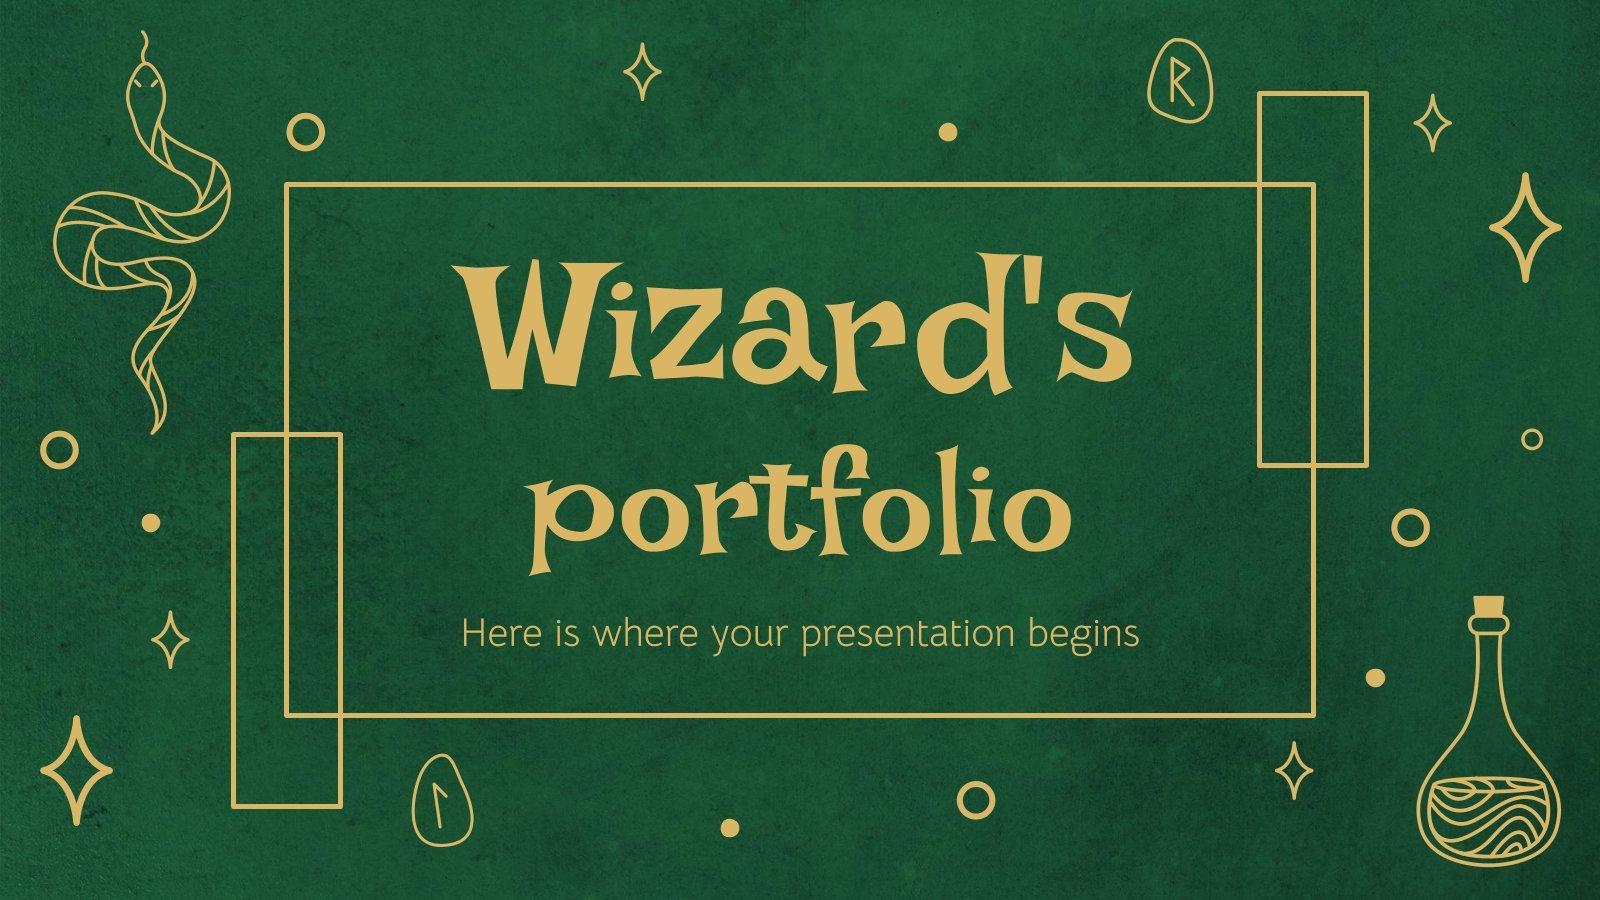 Portfolio pour les magiciens : Modèles de présentation